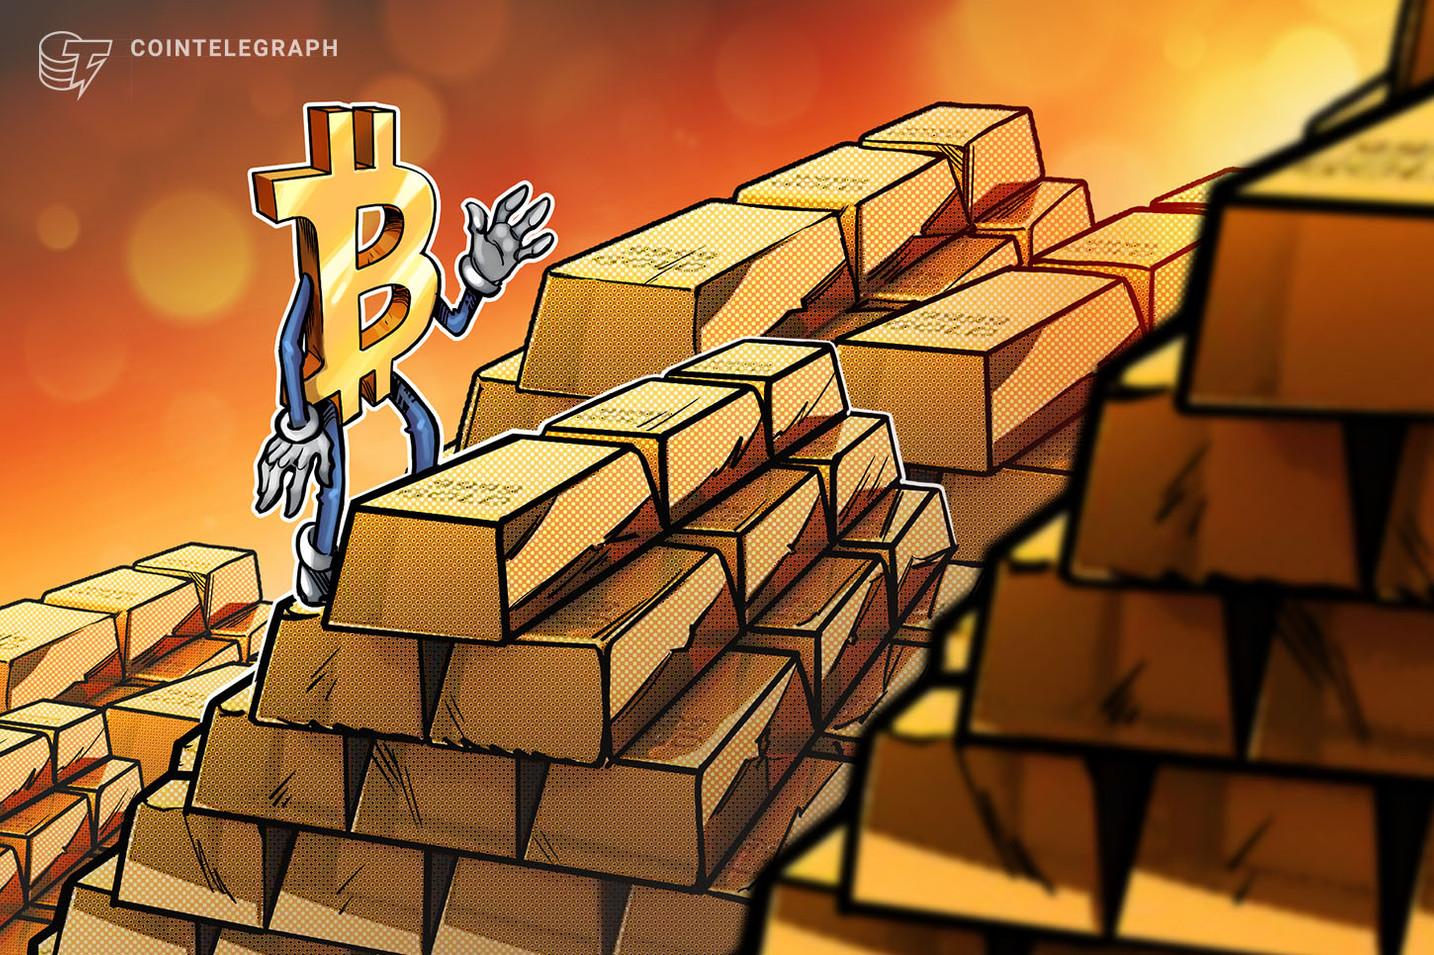 Bitcoin capturou apenas 2% da capitalização de mercado do ouro, sugerem novos dados